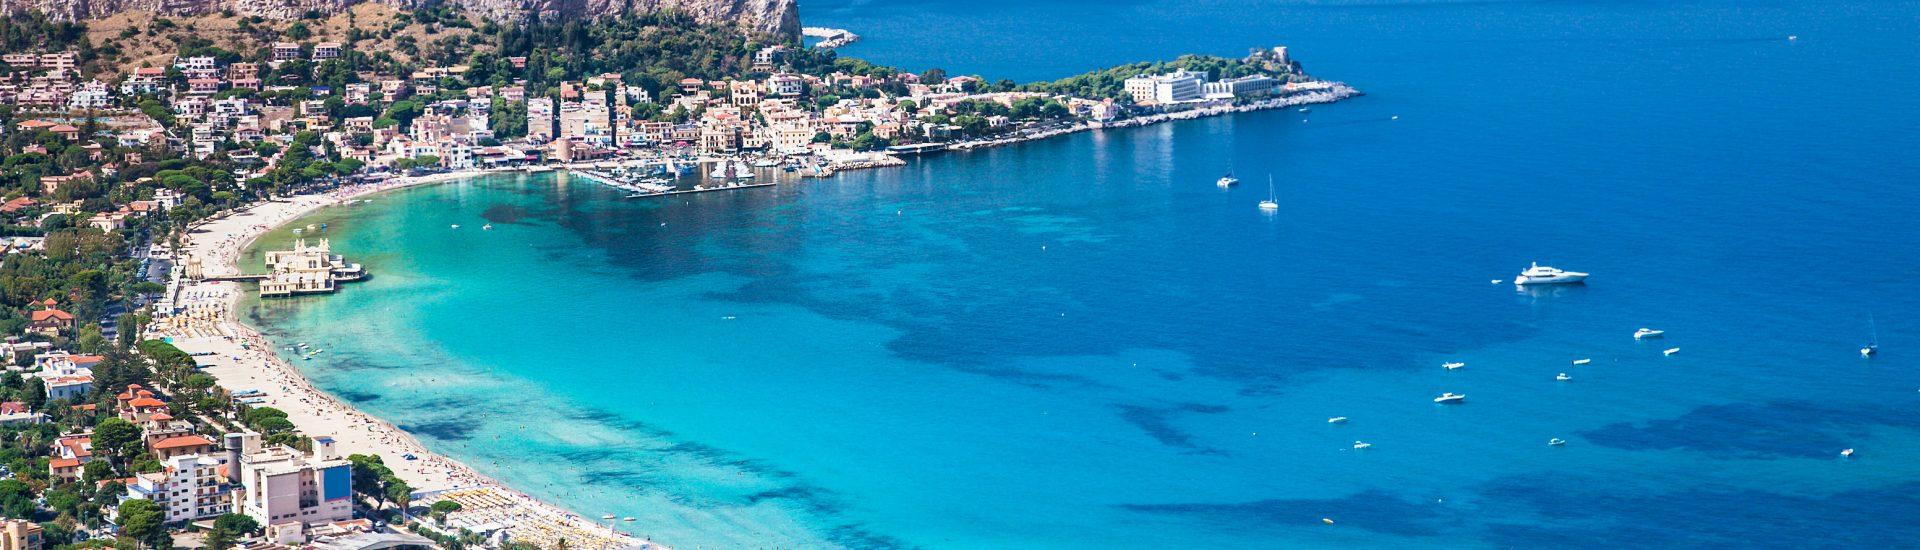 Mondello Palermo - Sicilia